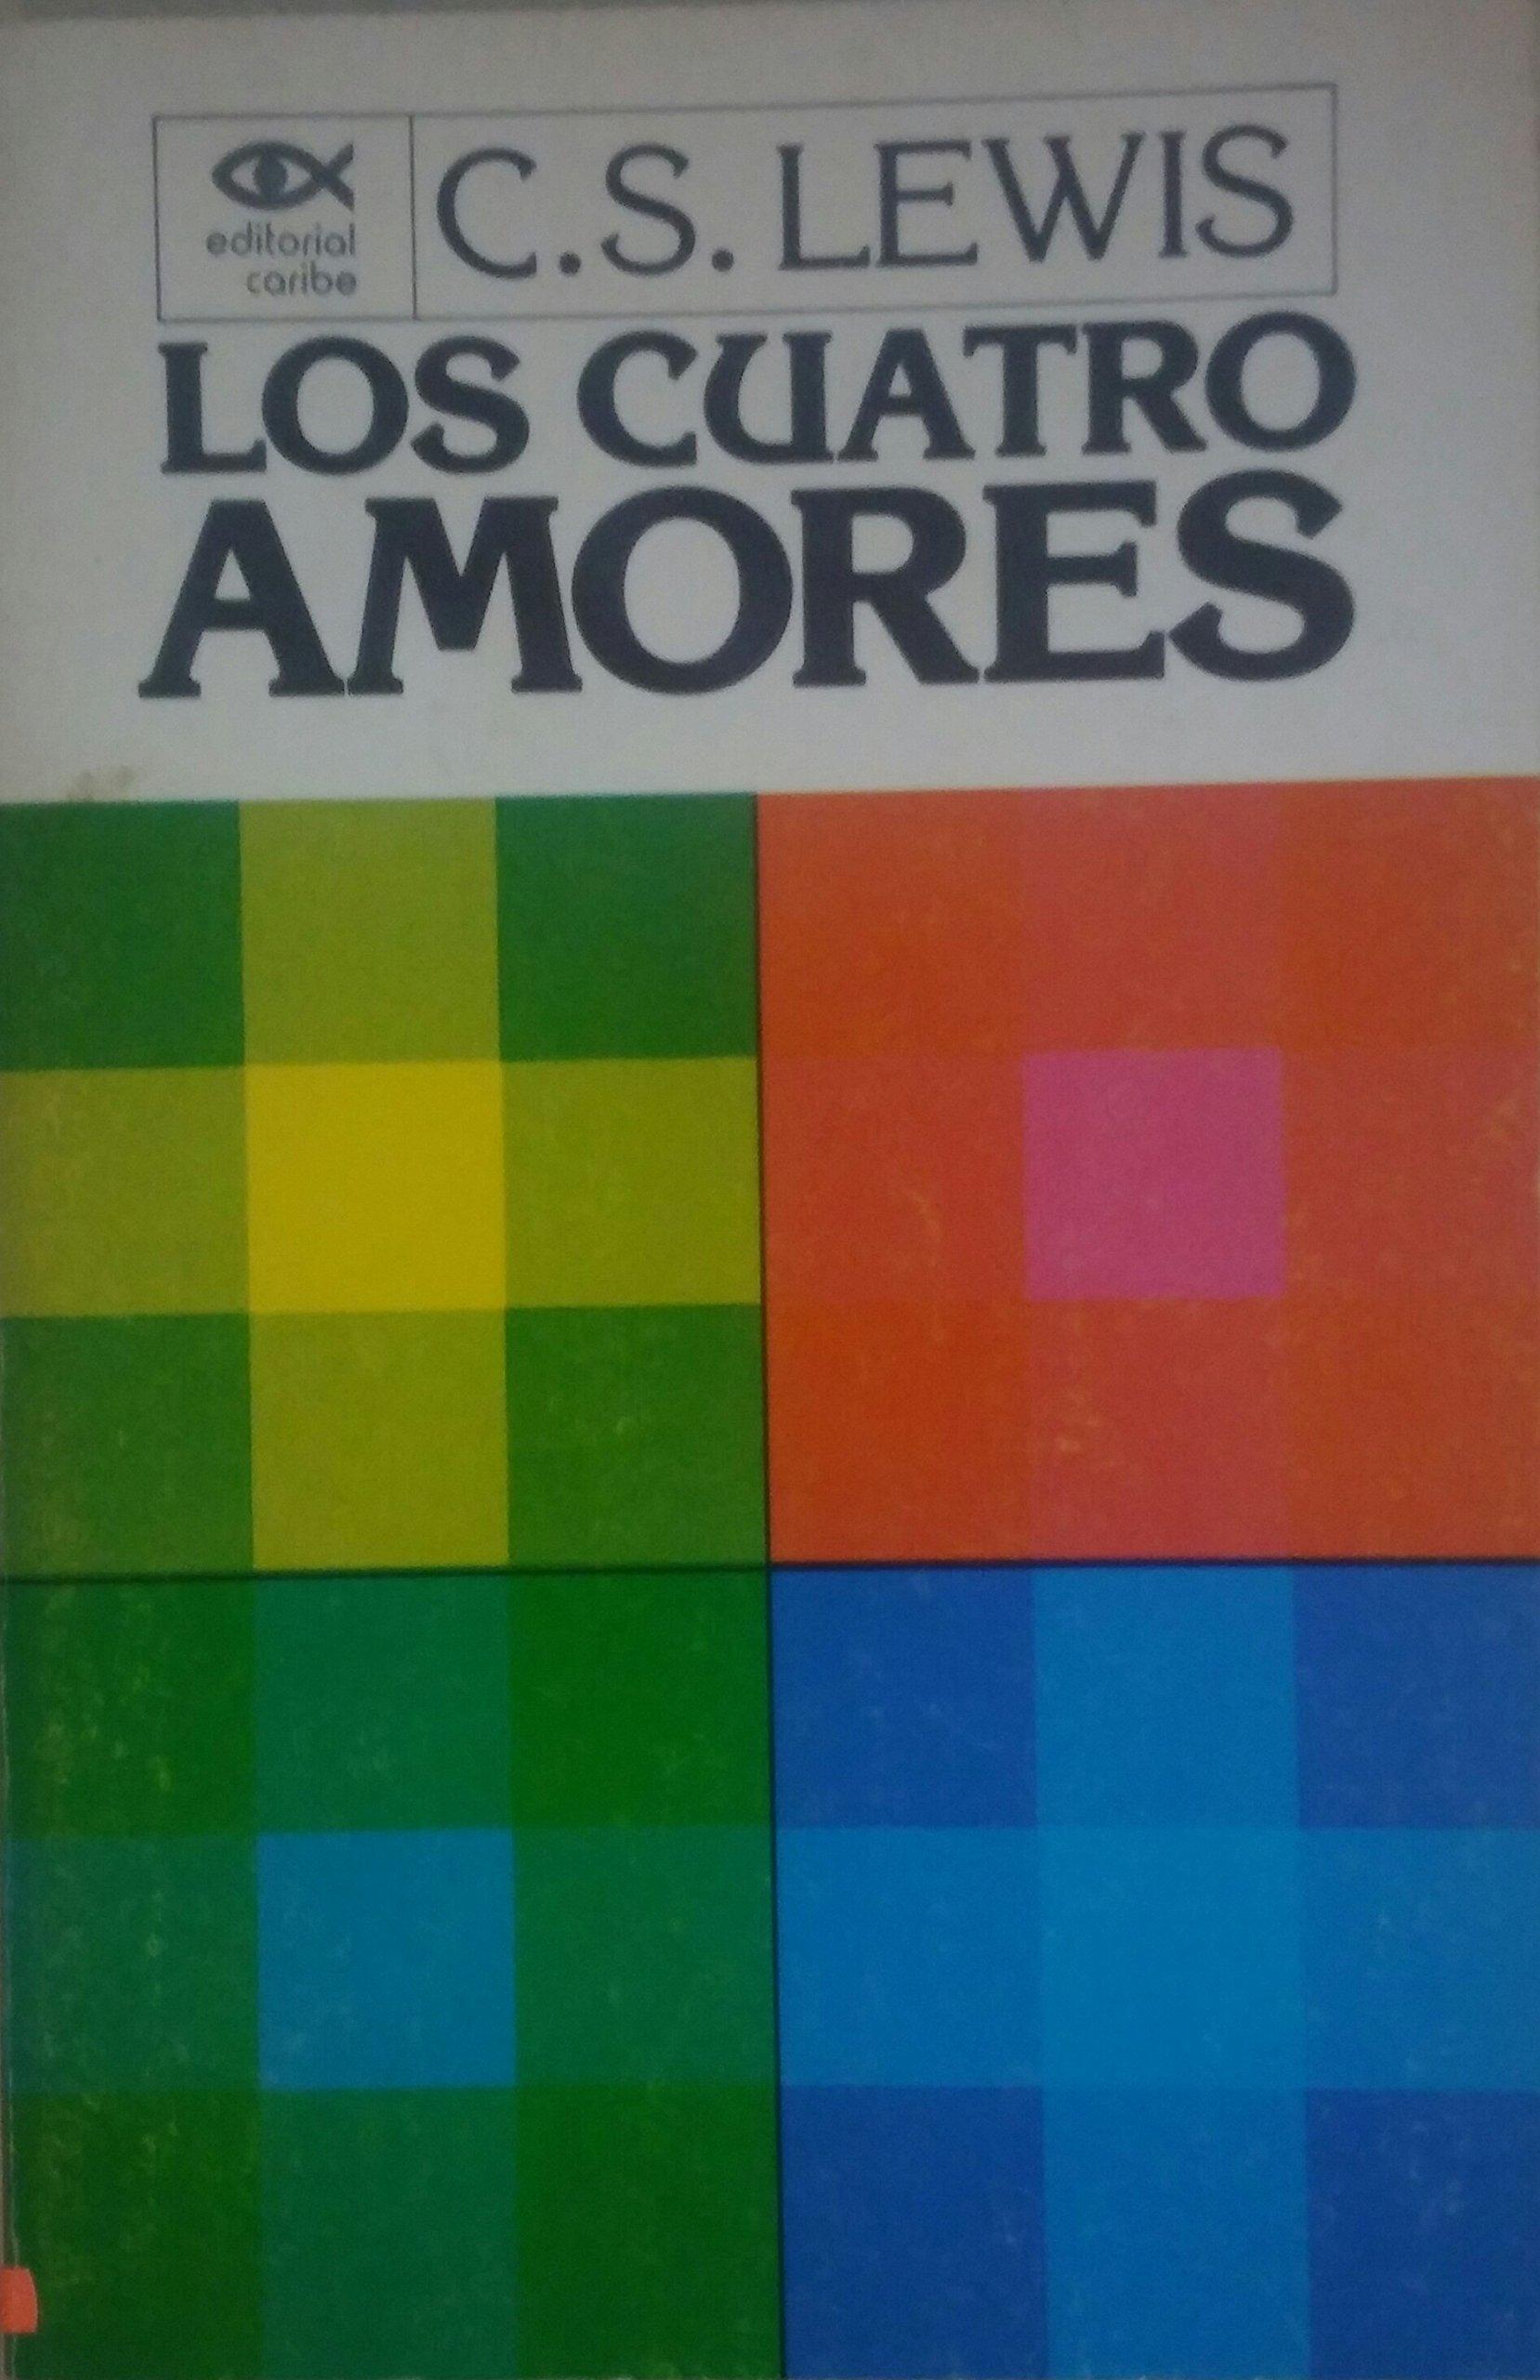 Los cuatro amores: C.S. Lewis: Amazon.com: Books